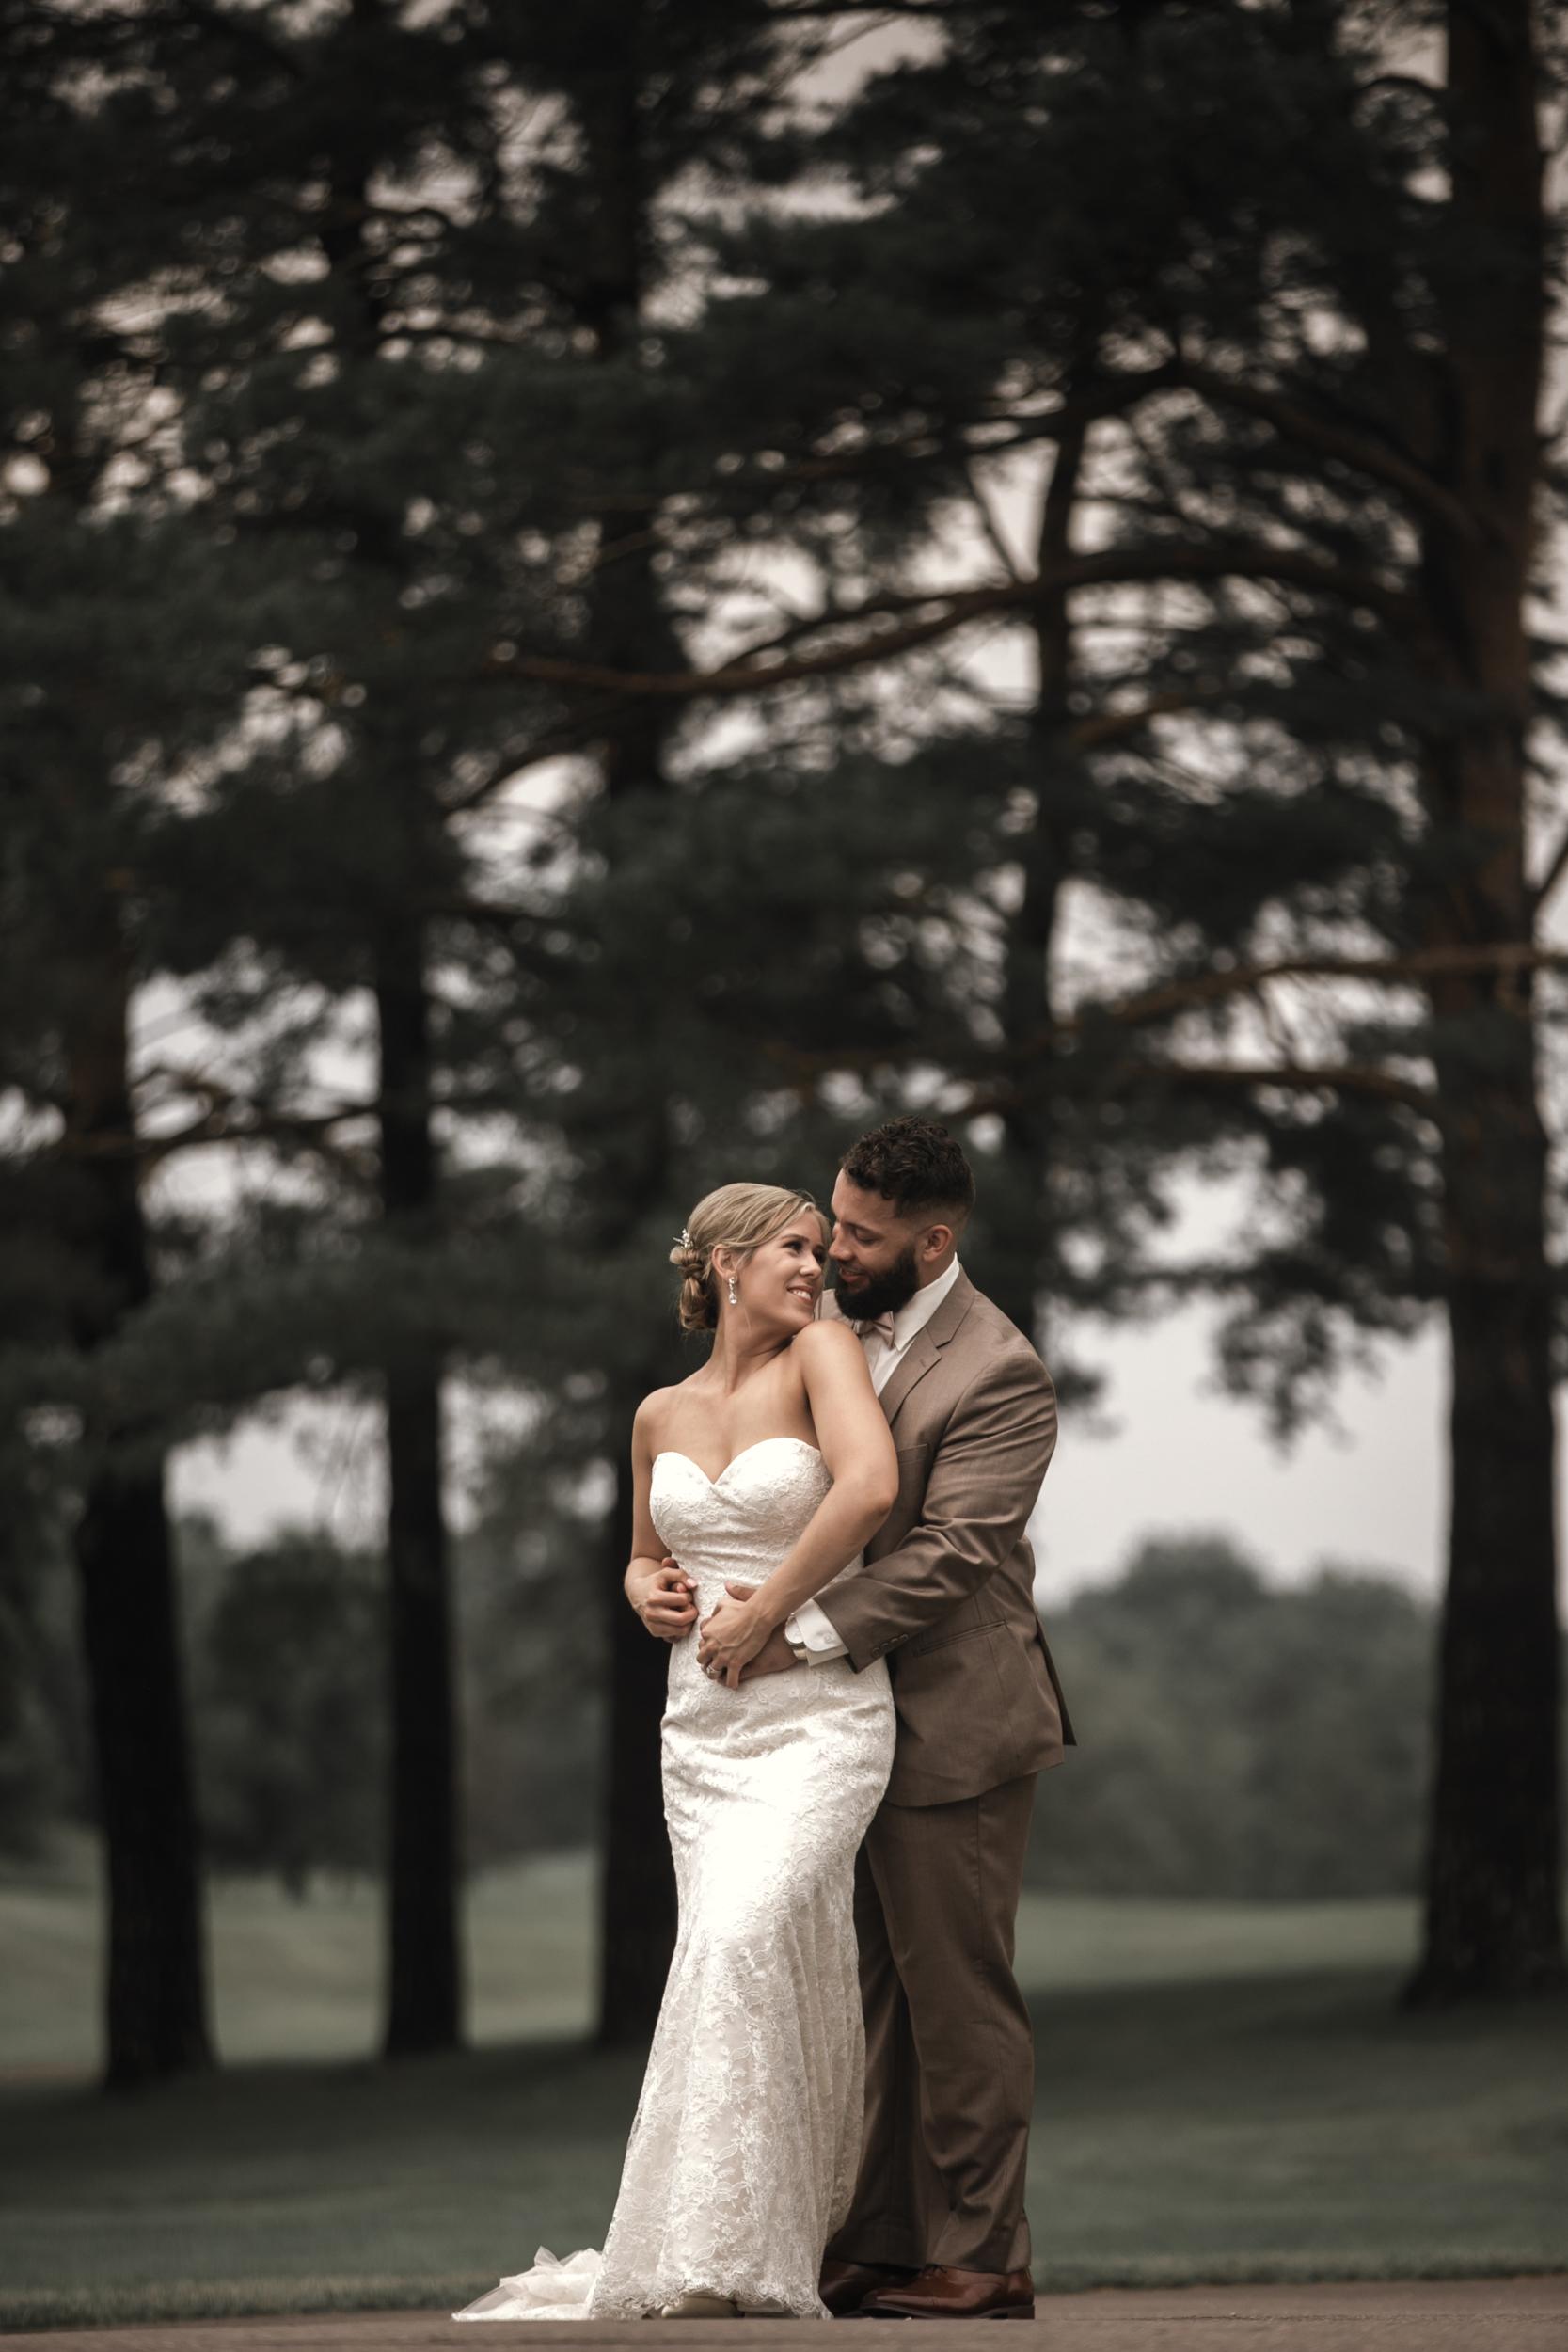 dellwood country club wedding*, Dellwood Country Club*, golf course wedding*, green golf course*, rose pink wedding details*-www.rachelsmak.com19.jpg